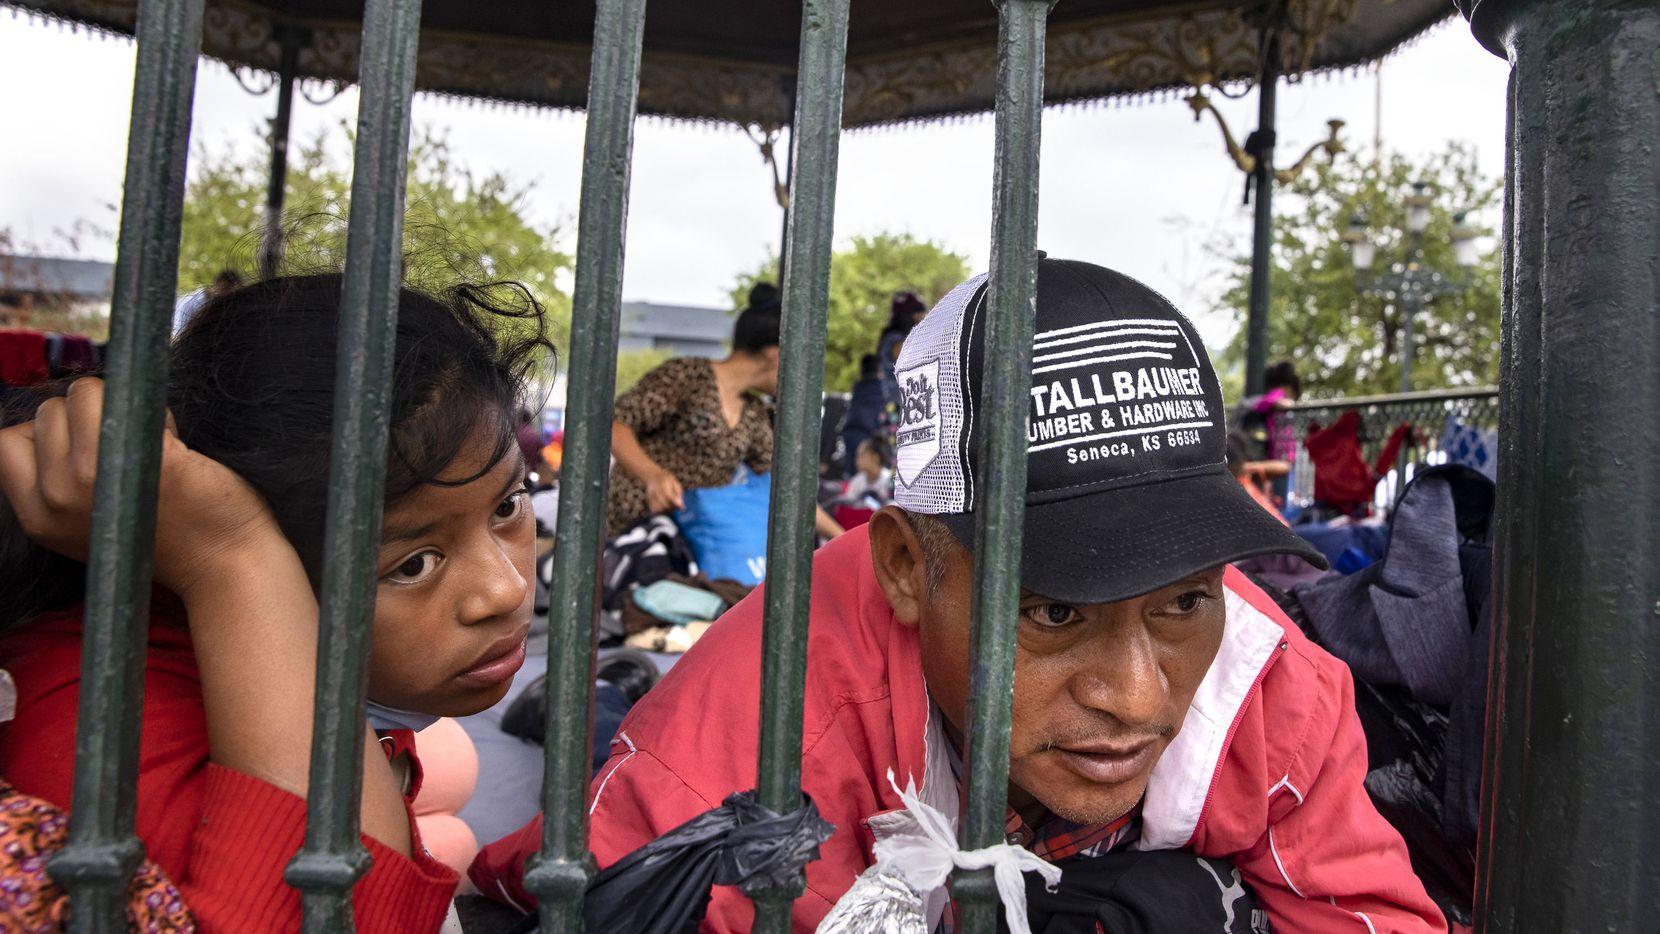 El guatemalteco Laureano Sánchez (der.) junto a su hija Elvia Karina, de 13 años son parte del grupo de miles de migrantes expulsados y devueltos a Reynosa, Tamaulipas.